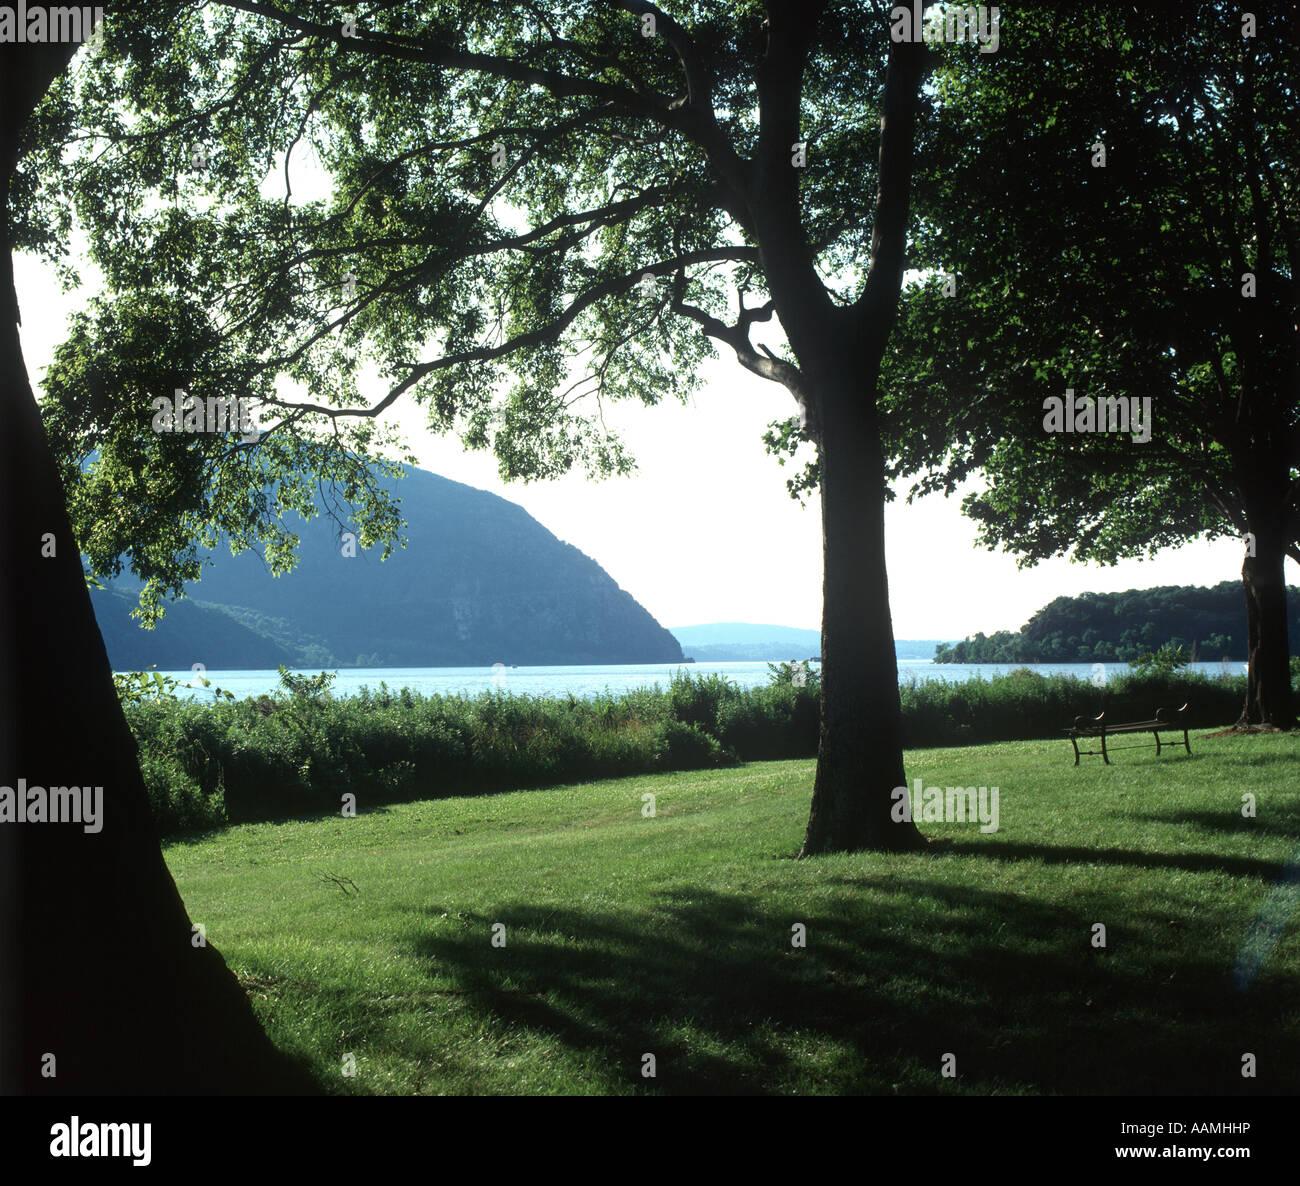 La RIVIÈRE HUDSON ET STORM KING MOUNTAIN VU À PARTIR DE LA VILLE DE COLD SPRING NEW YORK STATE Photo Stock